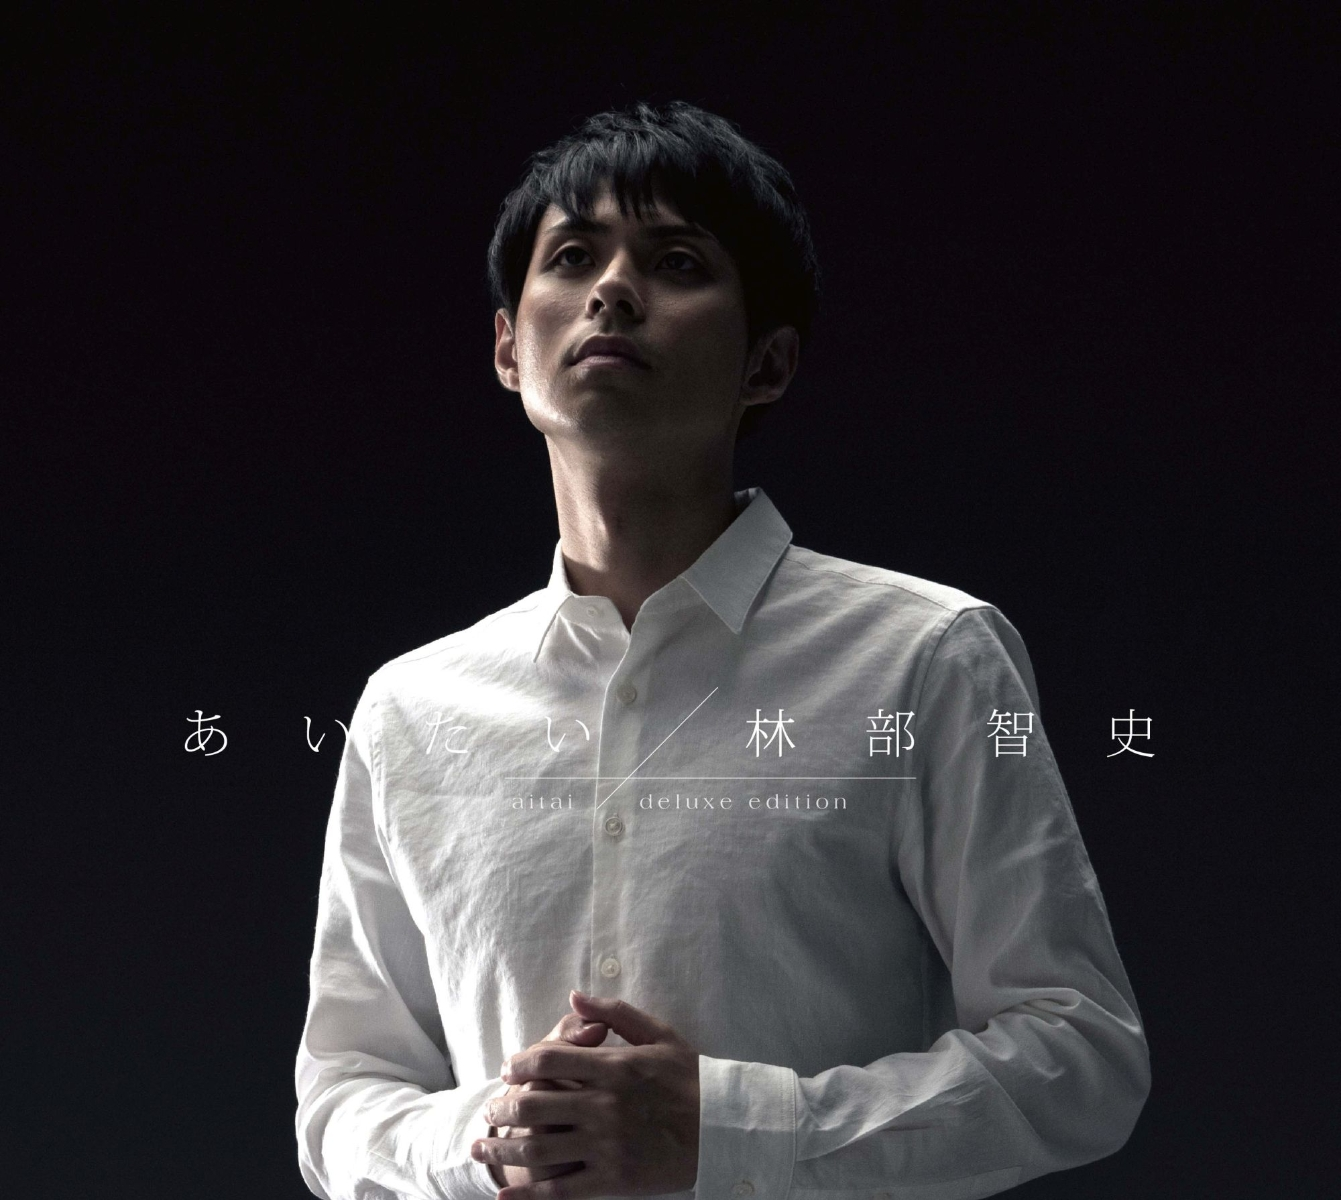 林部智史「今年一番泣ける歌」『あいたい』にファン殺到!歌詞に酔いしれる